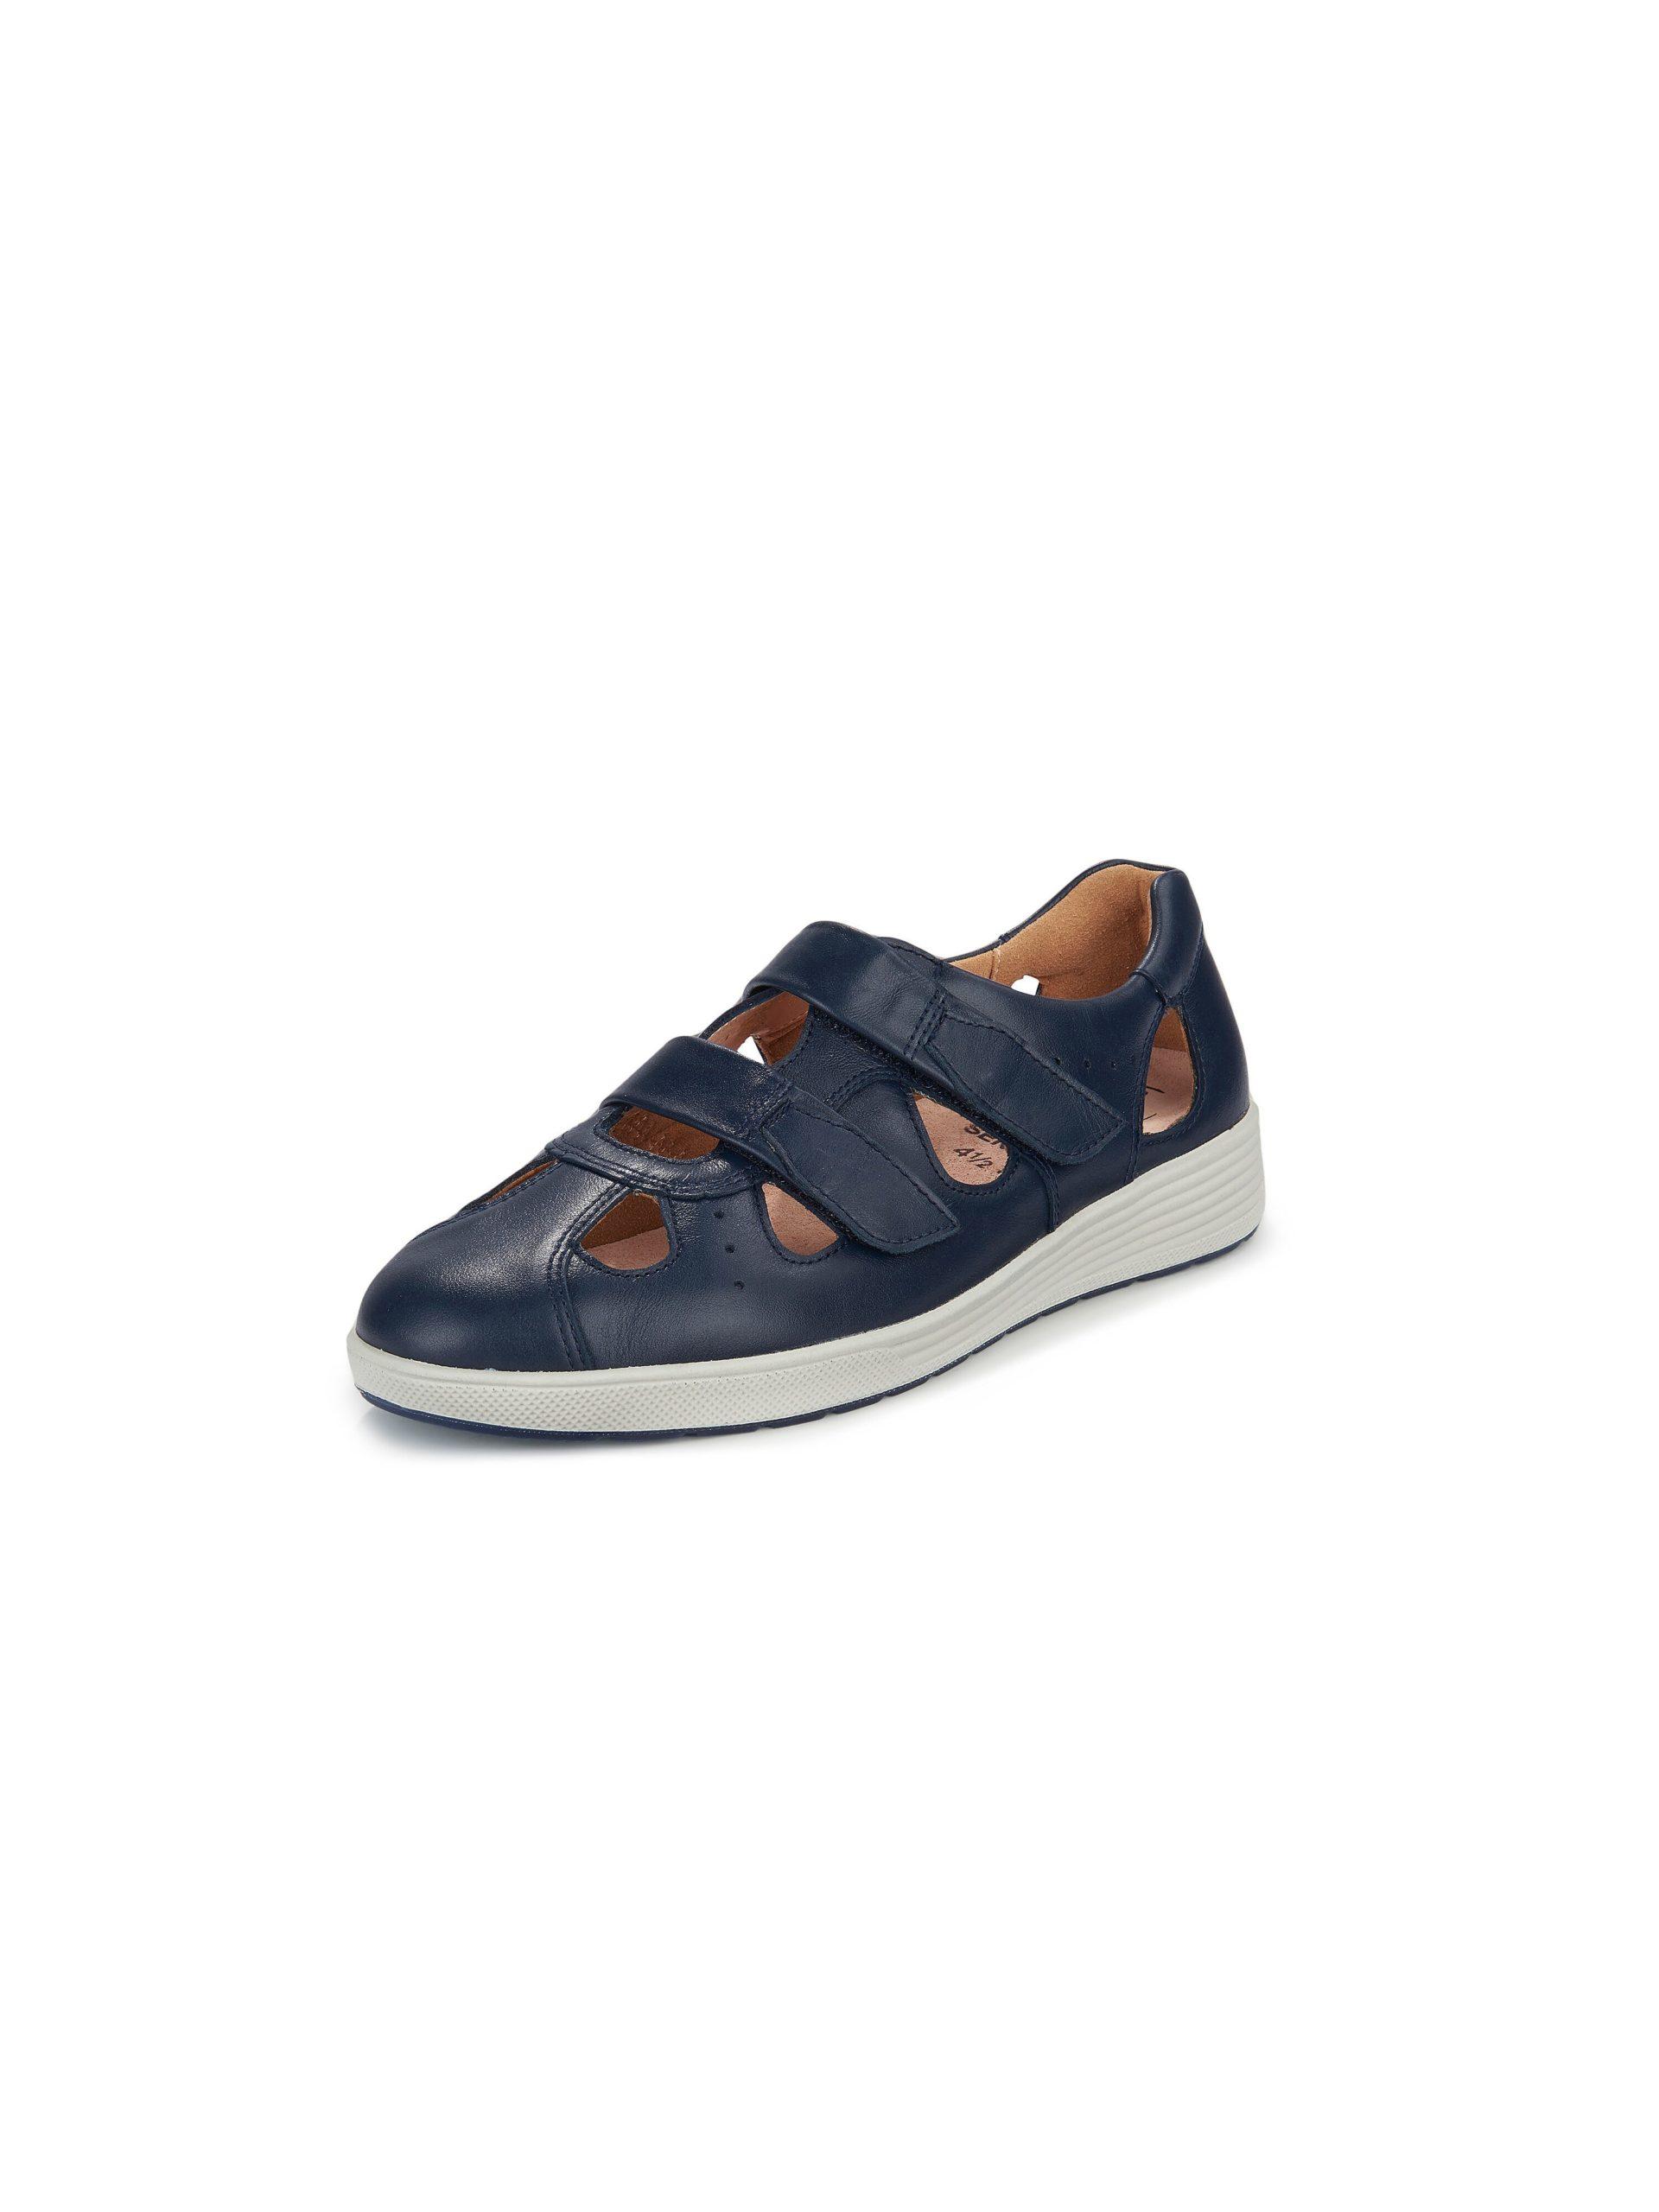 Schoenen Van Ganter blauw Kopen